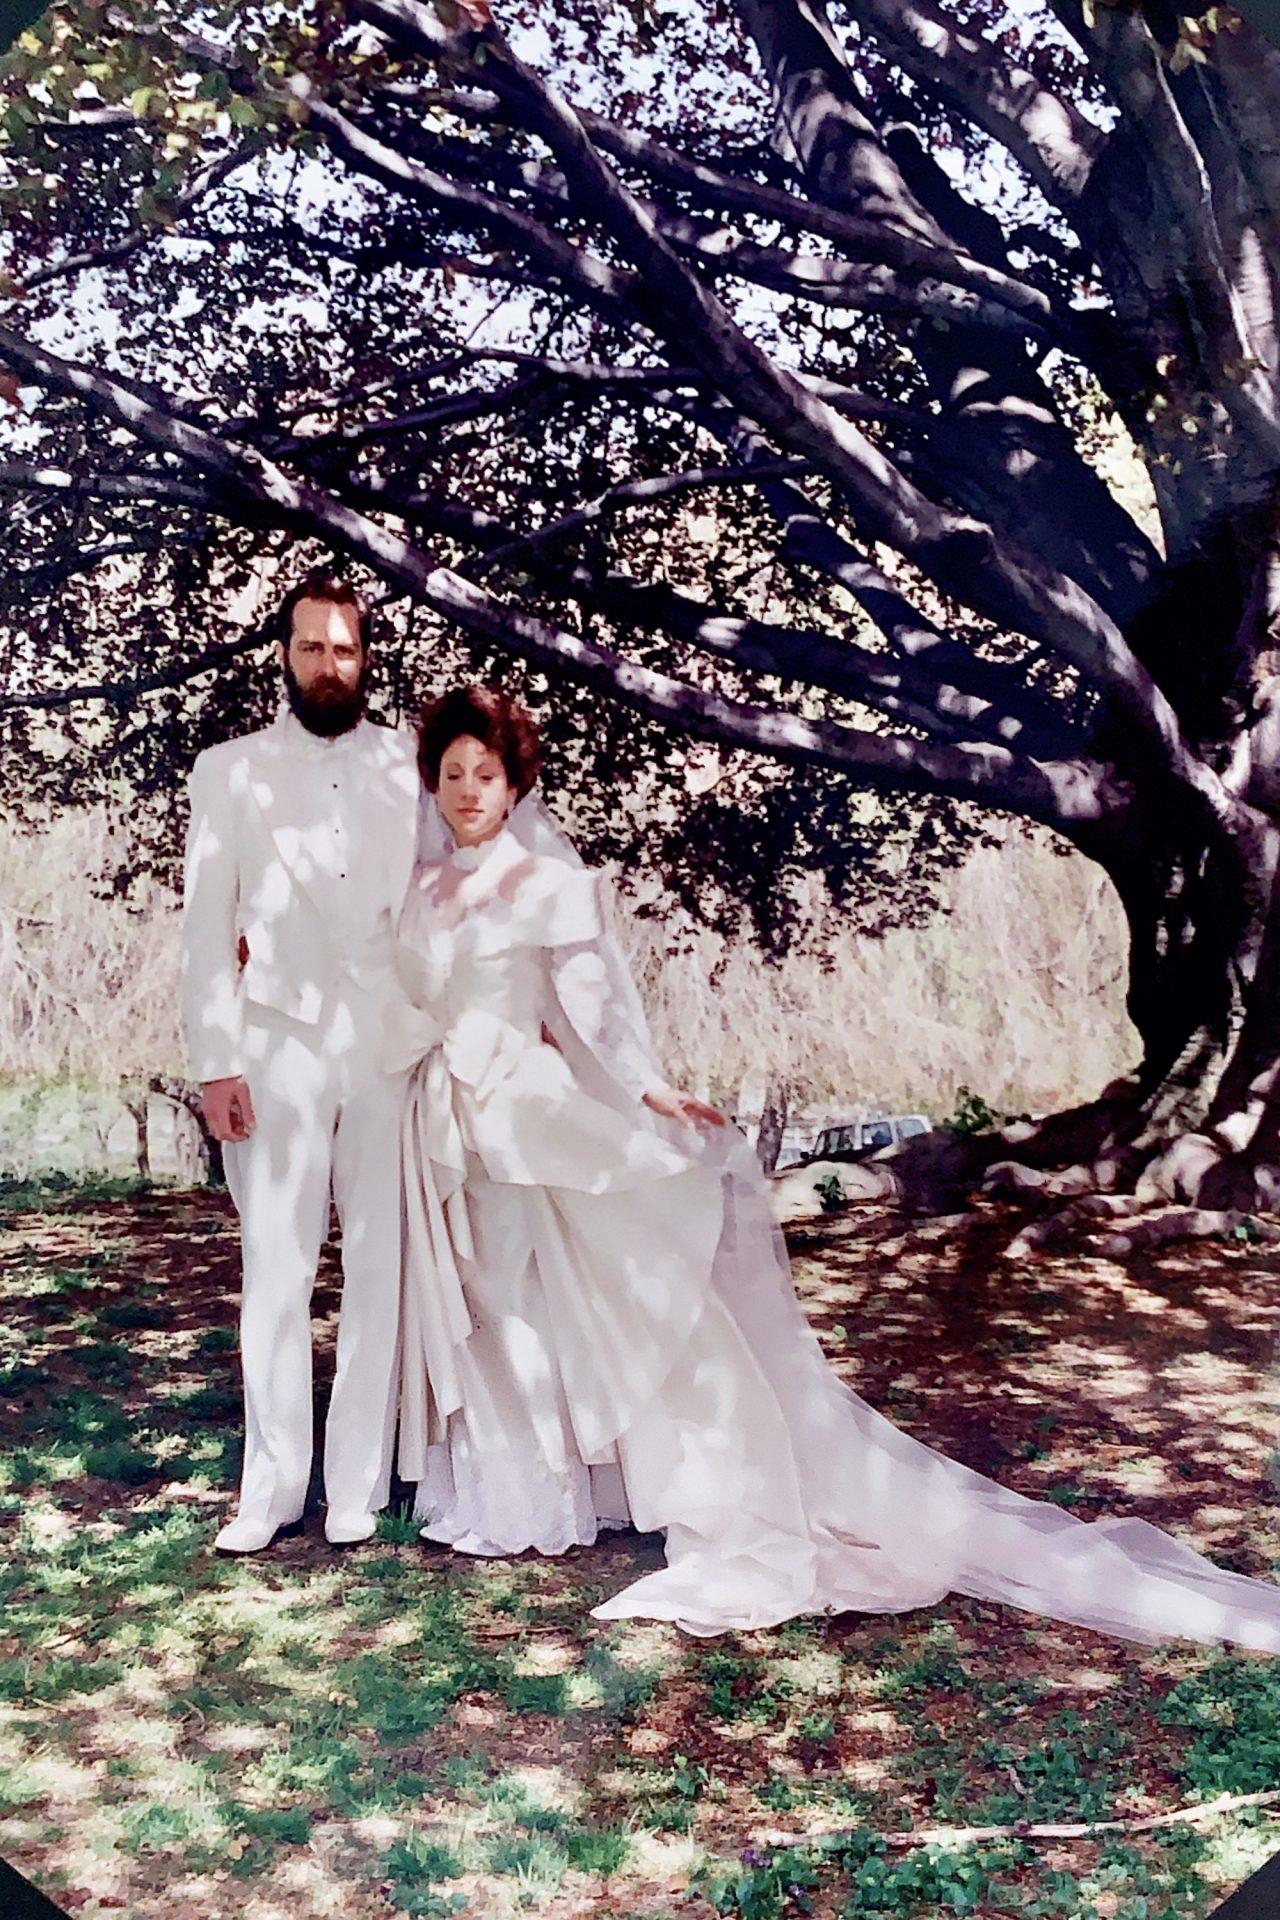 Favorite Wedding shot